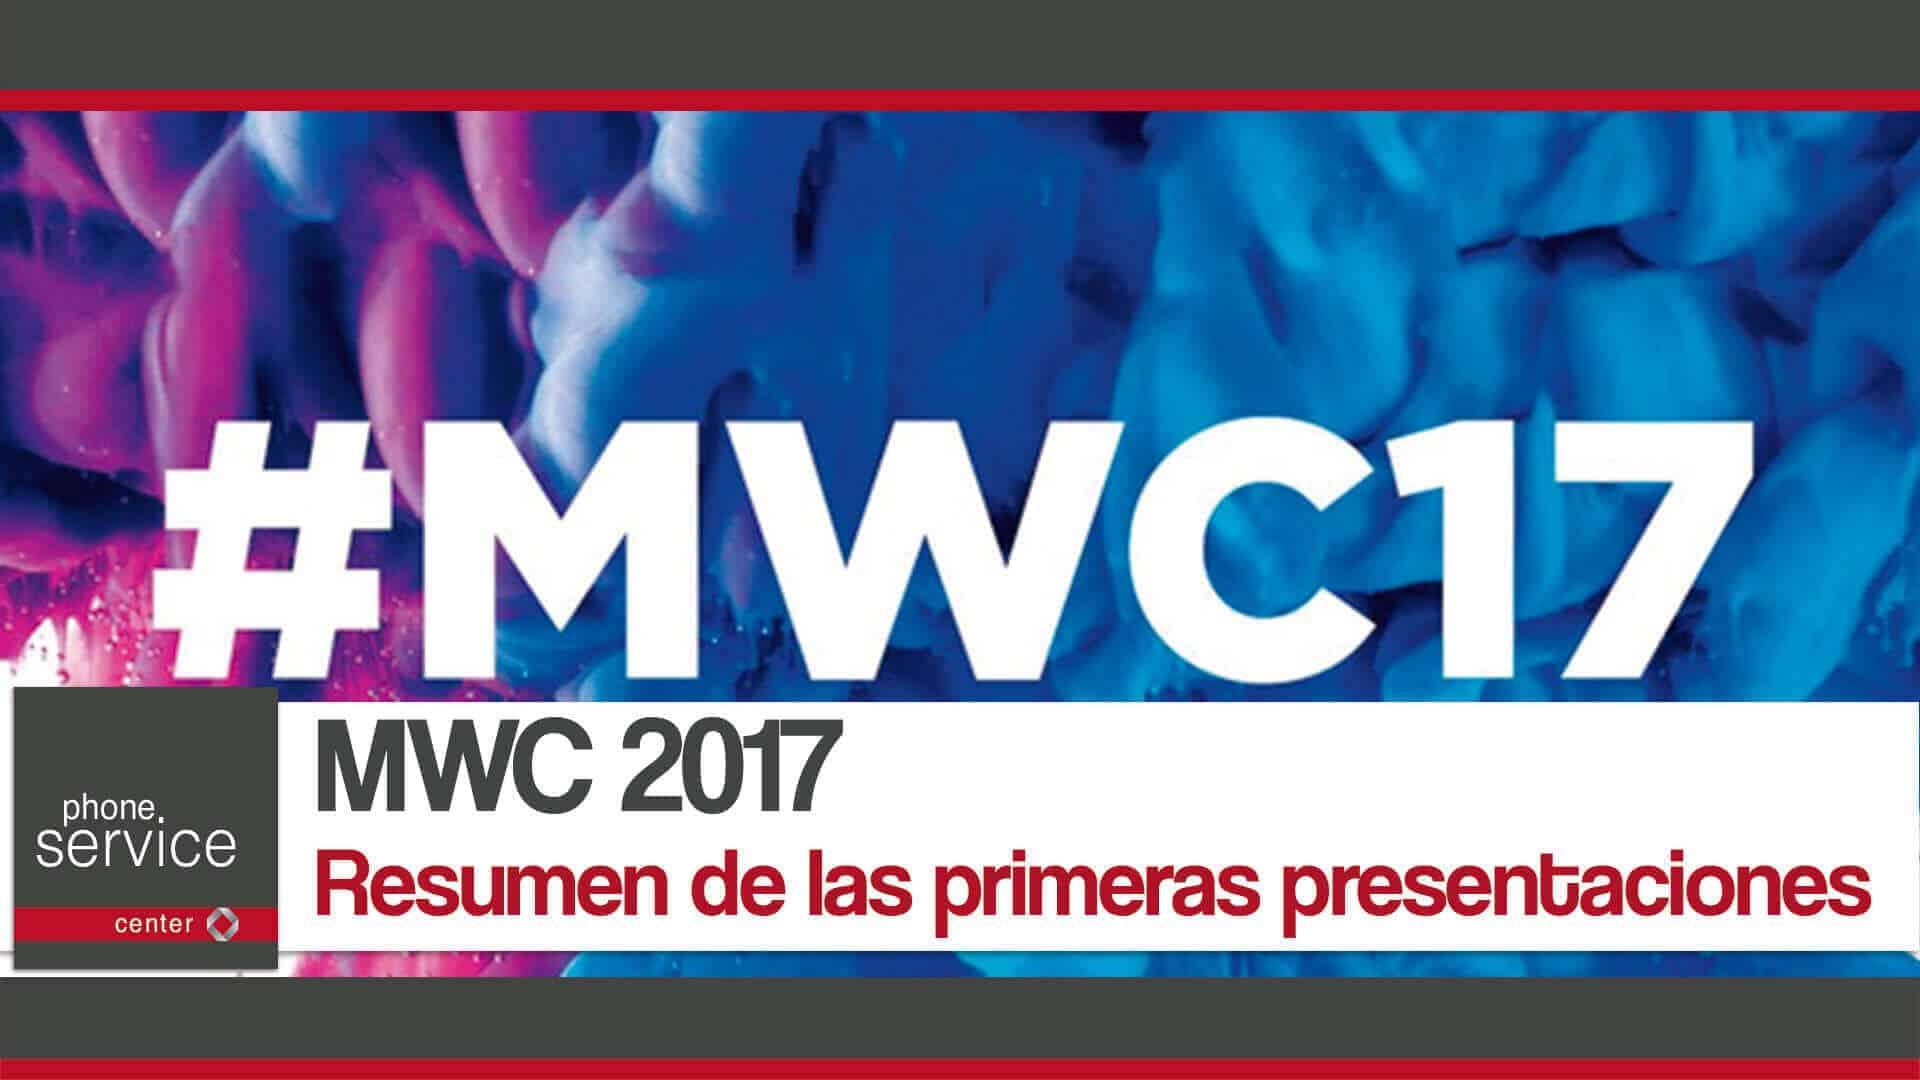 MWC 2017 resumen de las primeras presentaciones